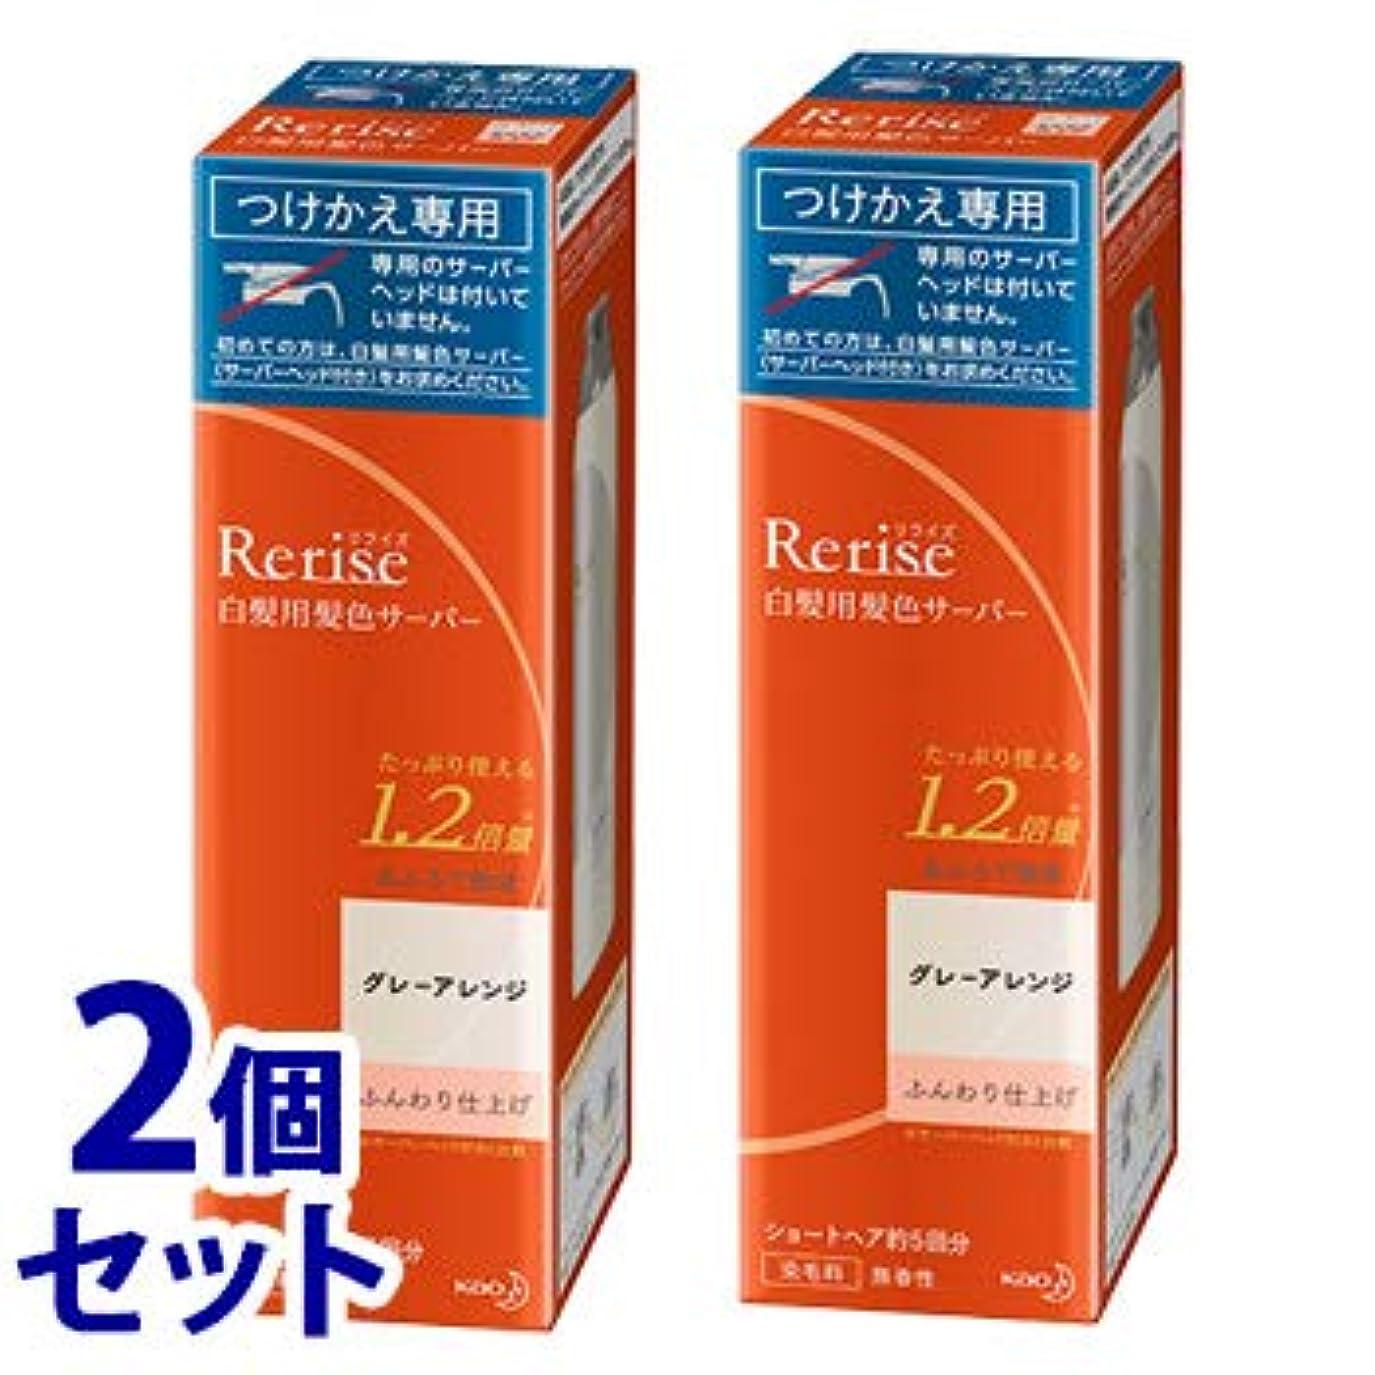 モロニック和《セット販売》 花王 リライズ 白髪用髪色サーバー グレーアレンジ ふんわり仕上げ つけかえ用 (190g)×2個セット 付け替え用 染毛料